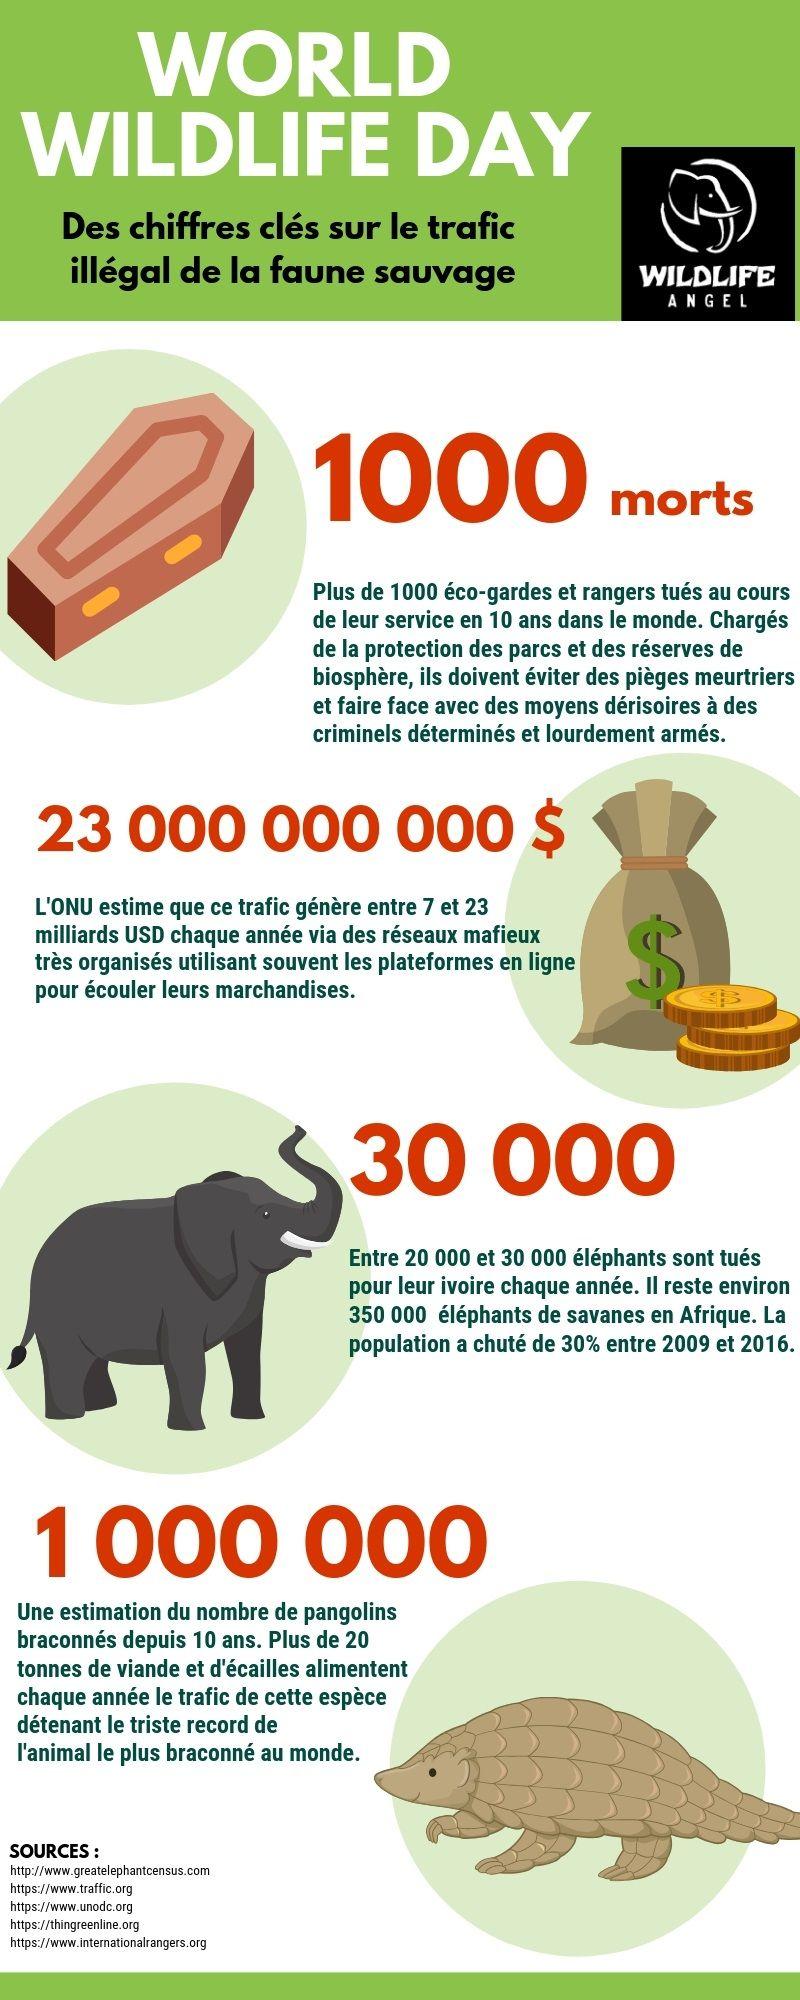 Journée mondiale de la faune sauvage 2019